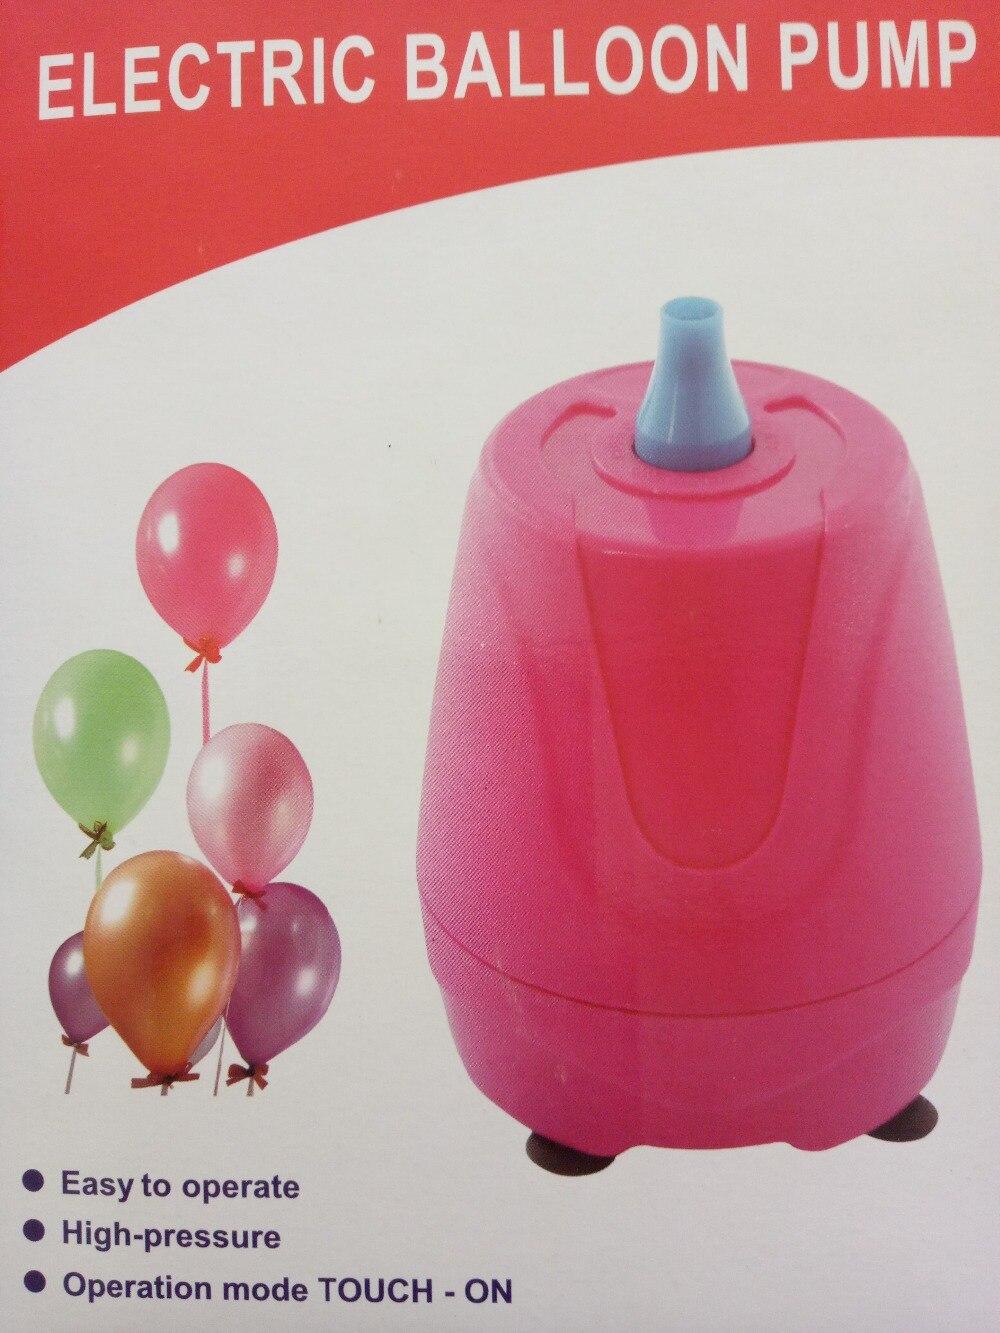 Pompa Untuk Balon Listrik 220 V Blower Udara Aksesoris Elektrik Electric Balloon Pump Partai Dekorasi Ballons Portabel Mesin Tidak Helium Baloon Di Dari